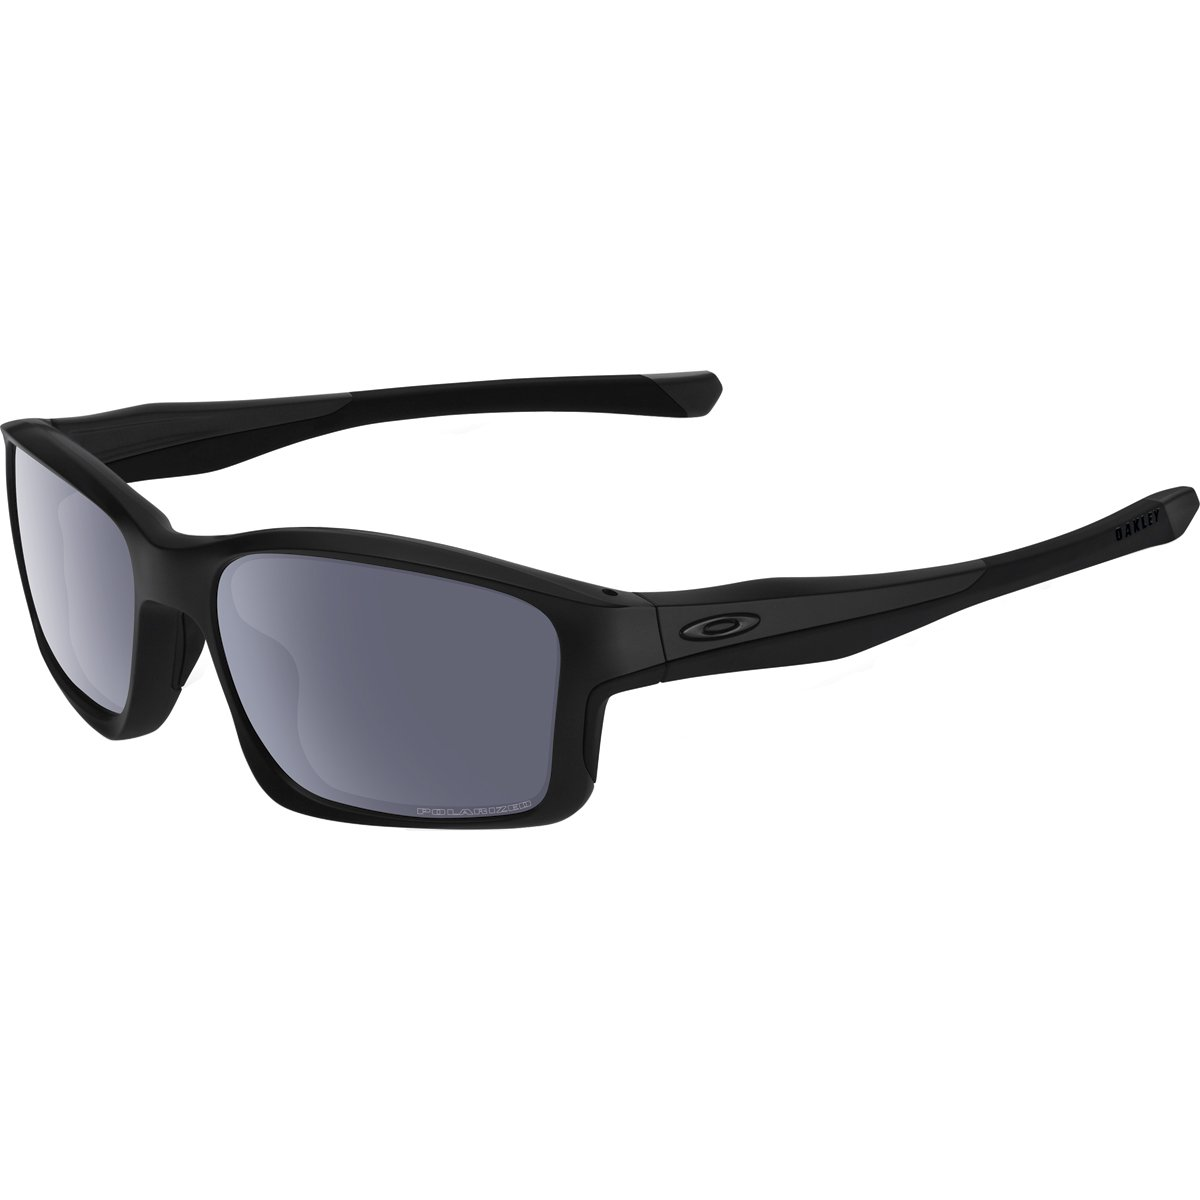 Oakley Men's OO9247 Chainlink Rectangular Sunglasses, Matte Black/Grey Polarized, 57 mm by Oakley